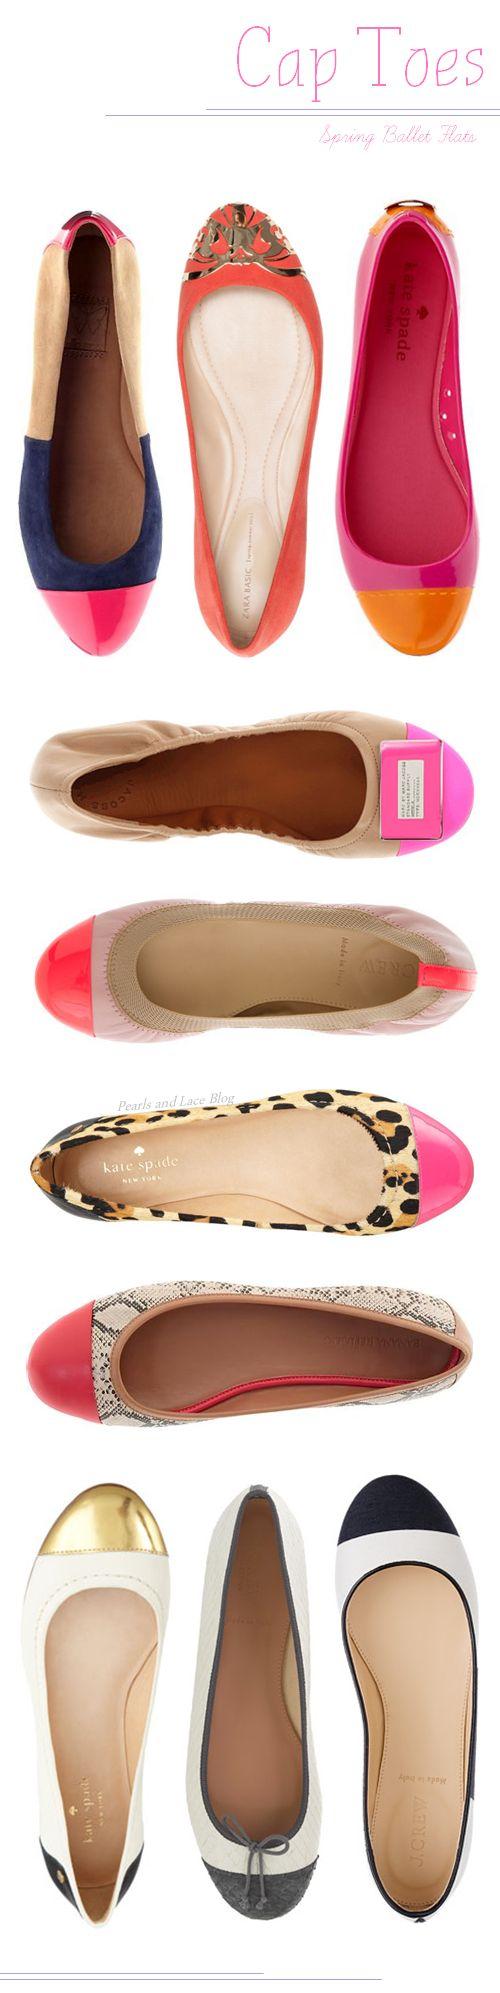 cap toe love <3